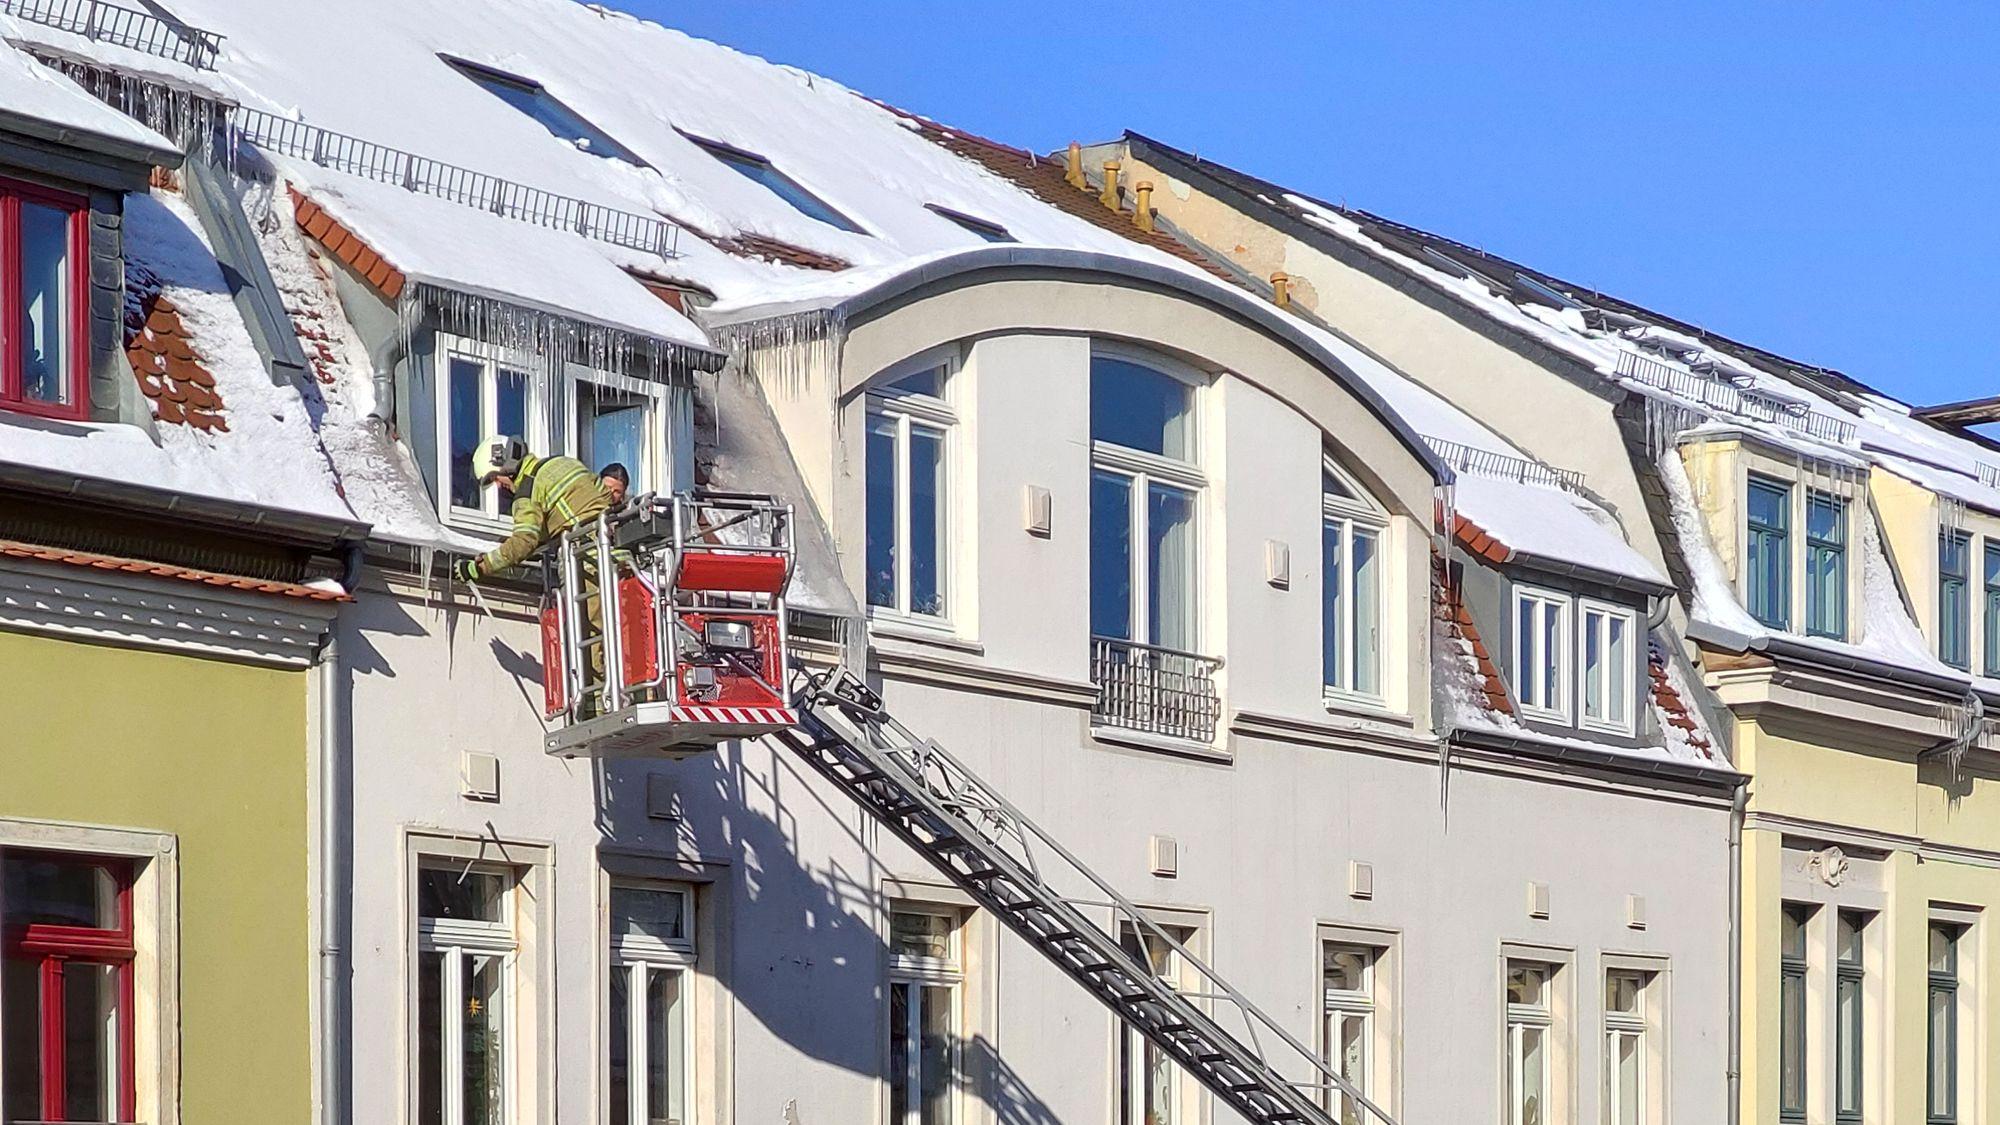 Eiszapfeneinsatz der Feuerwehr in der Hechtstraße - Foto: Carsten